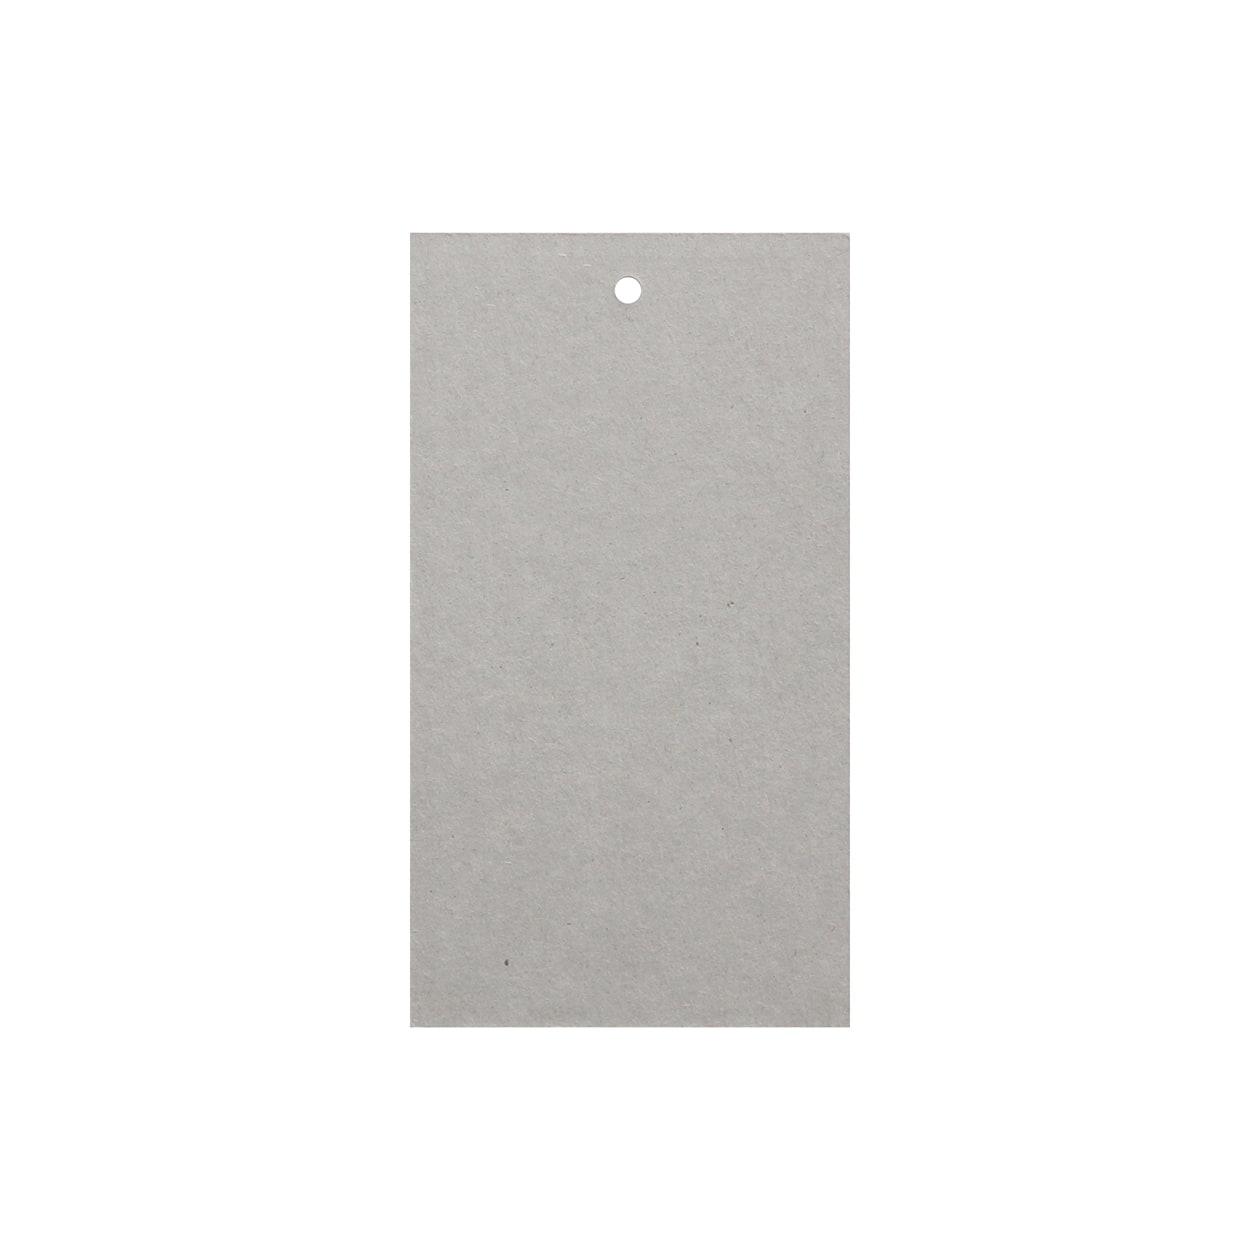 サンプル カード(タグ)00066